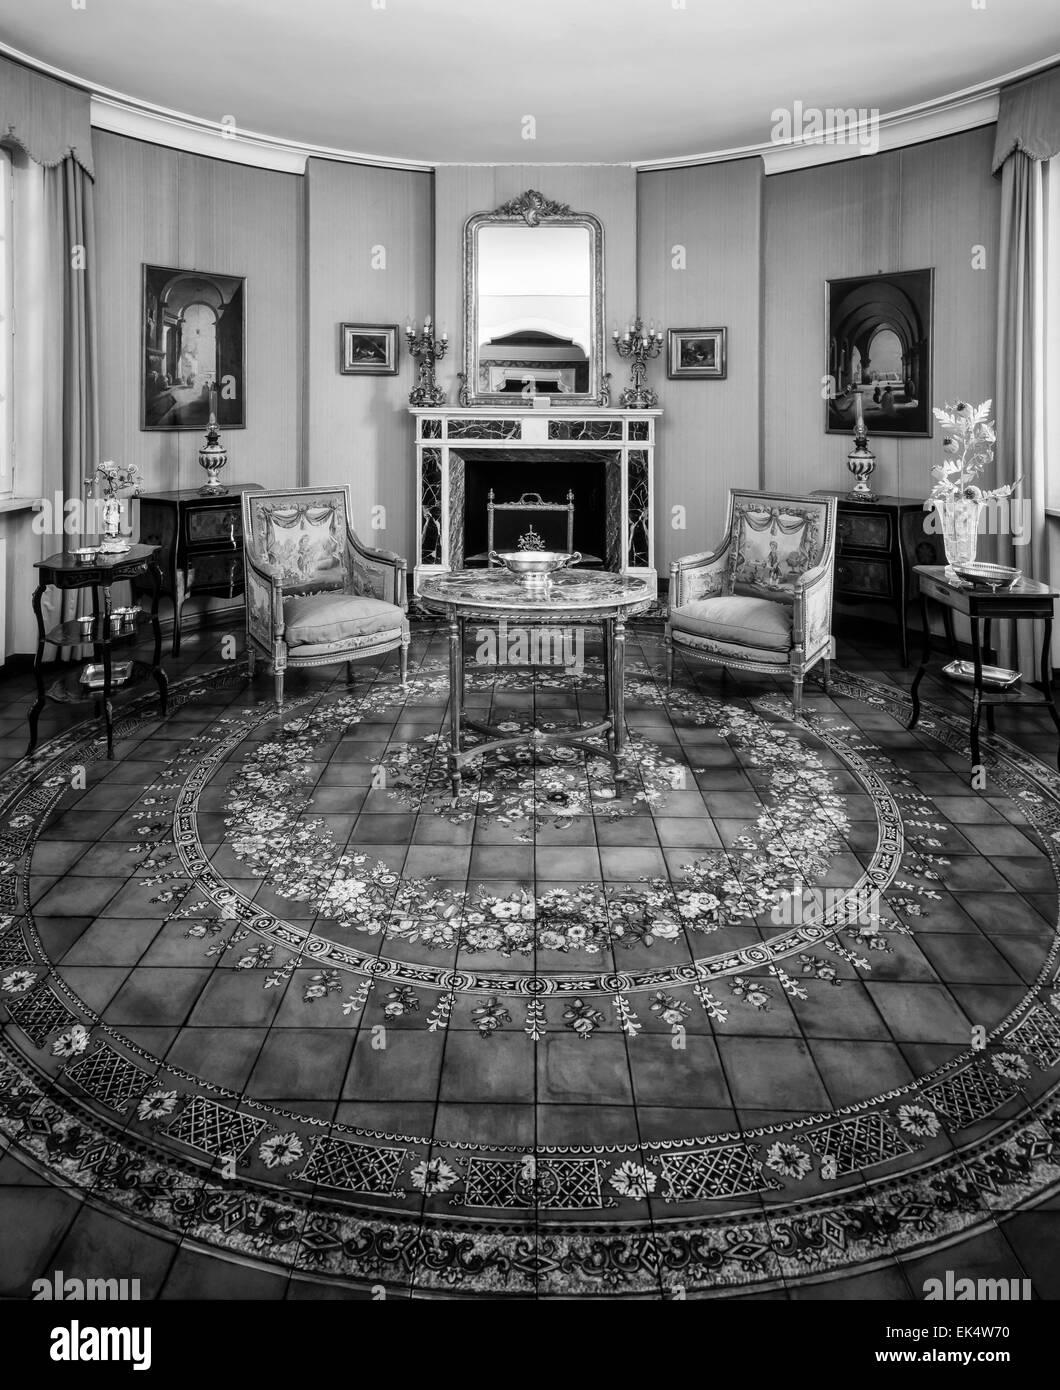 Italien, Rom, Alten Luxushaus, Kaminzimmer Mit Hand Gemalte Terrakotta Boden